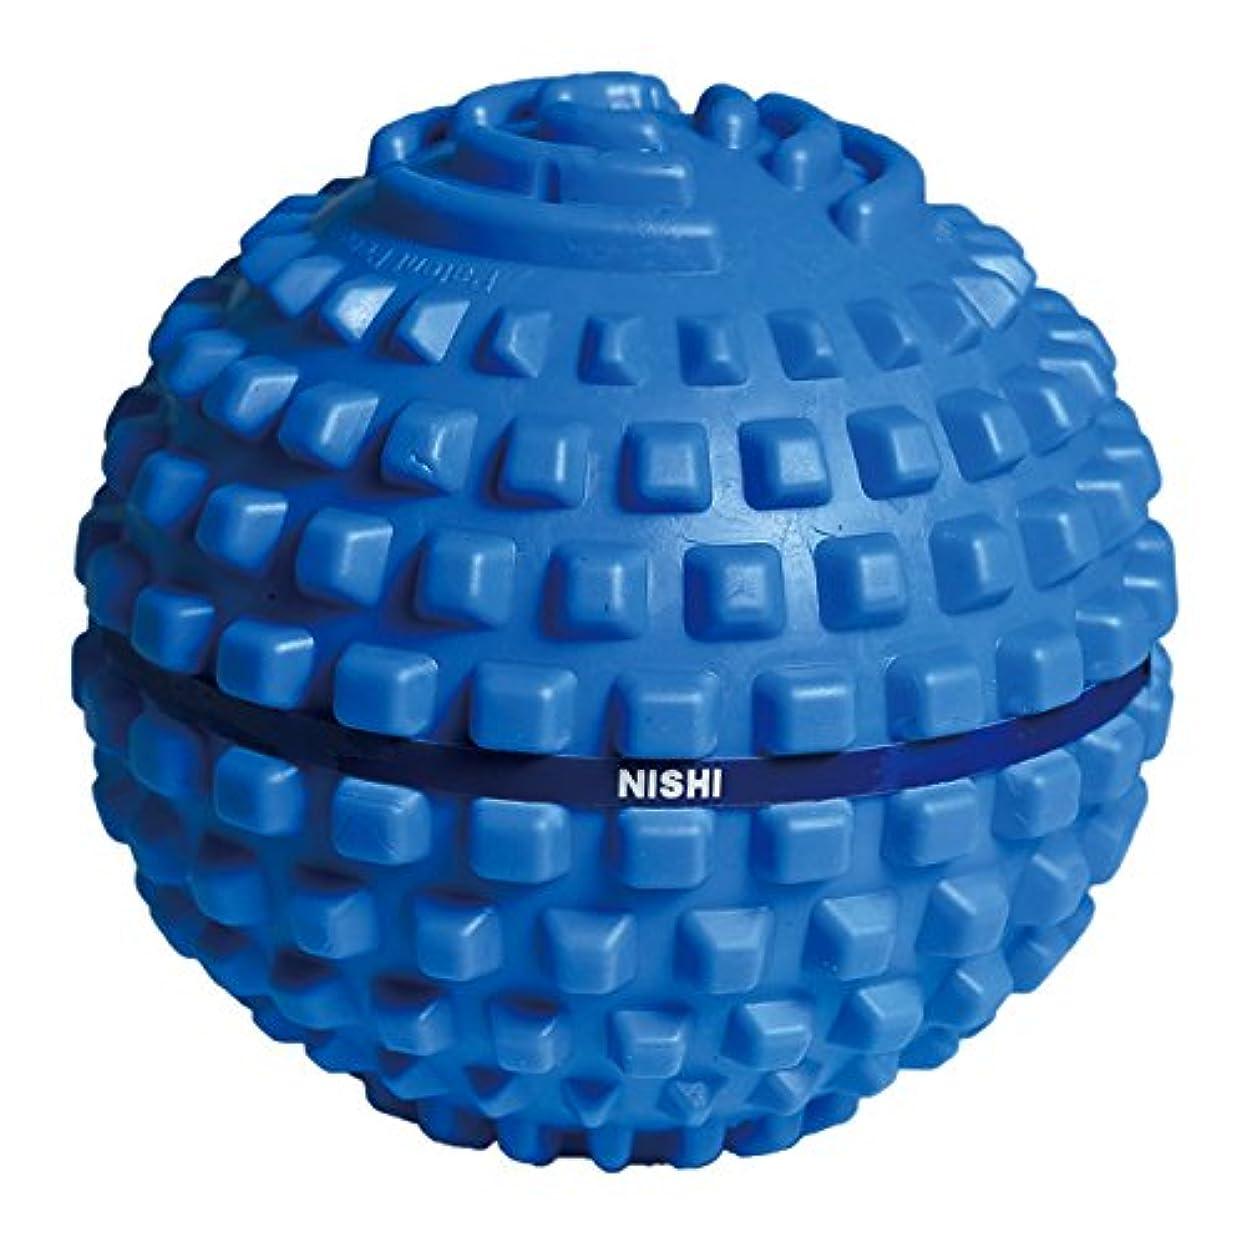 獲物犠牲ハーフニシ?スポーツ(NISHI) コンプレッションボール NT7994 F